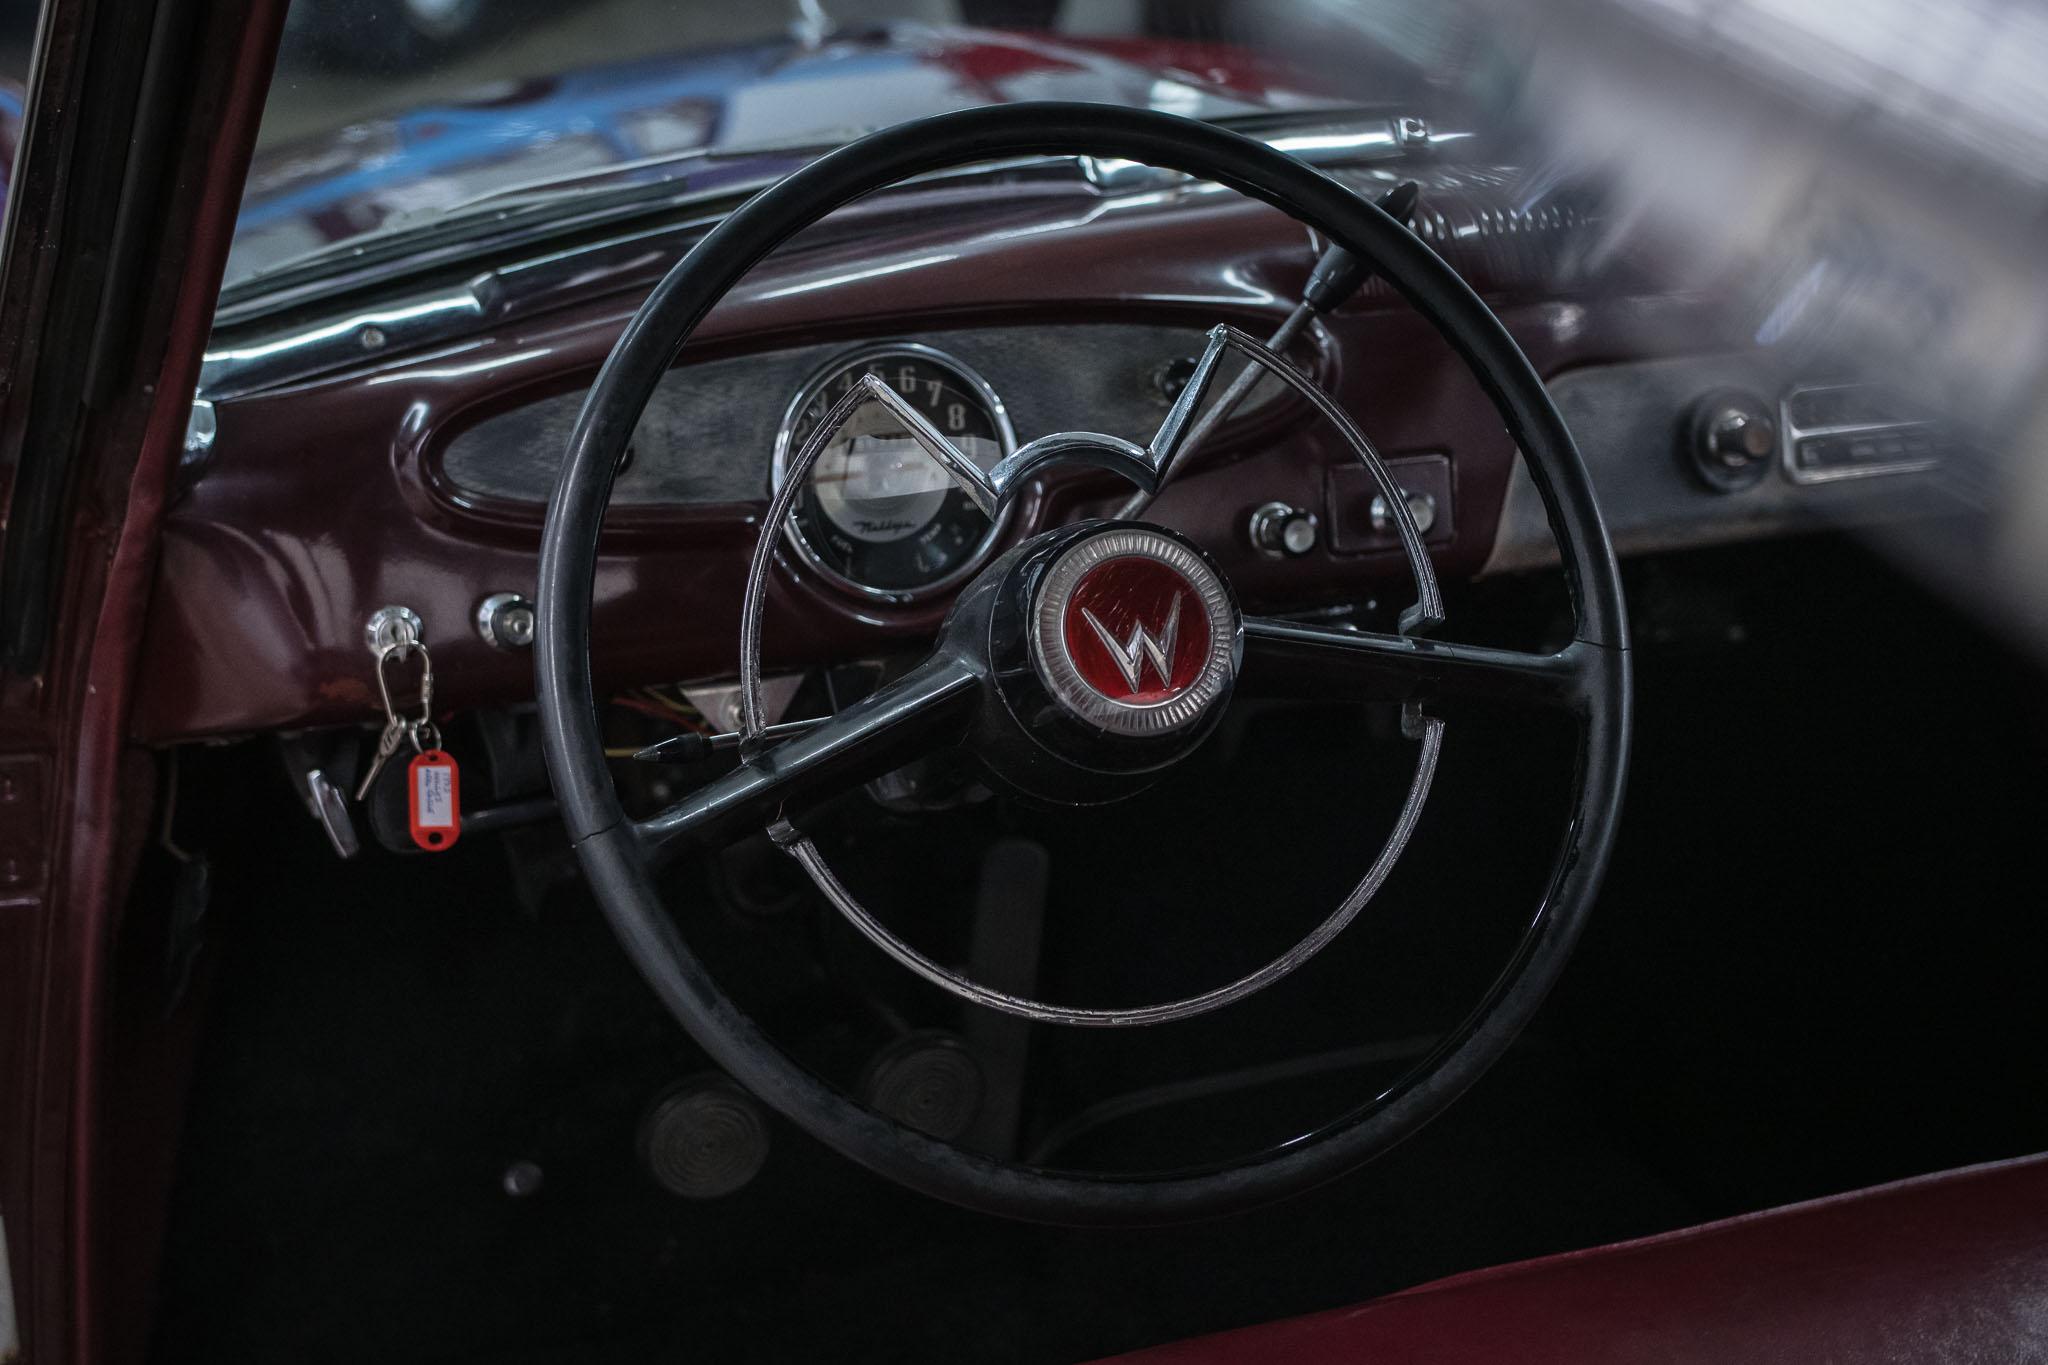 1953 Willys Aero Eagle